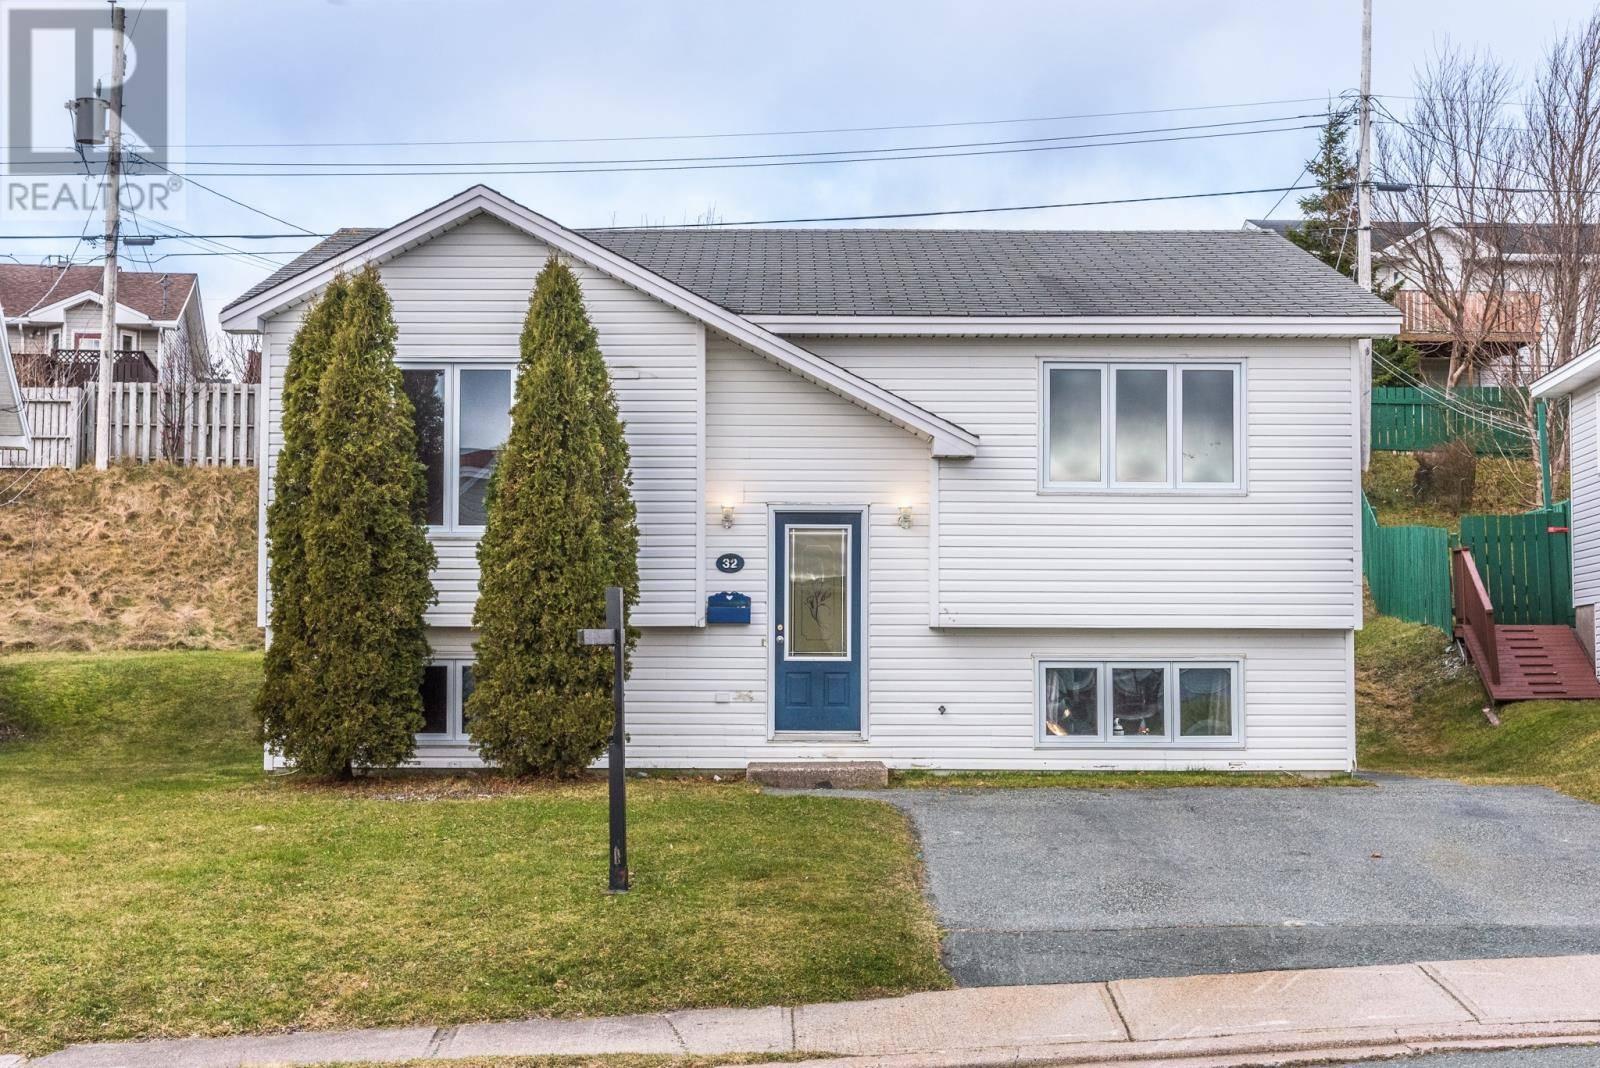 House for sale at 32 Greenspond Dr St.john's Newfoundland - MLS: 1207757